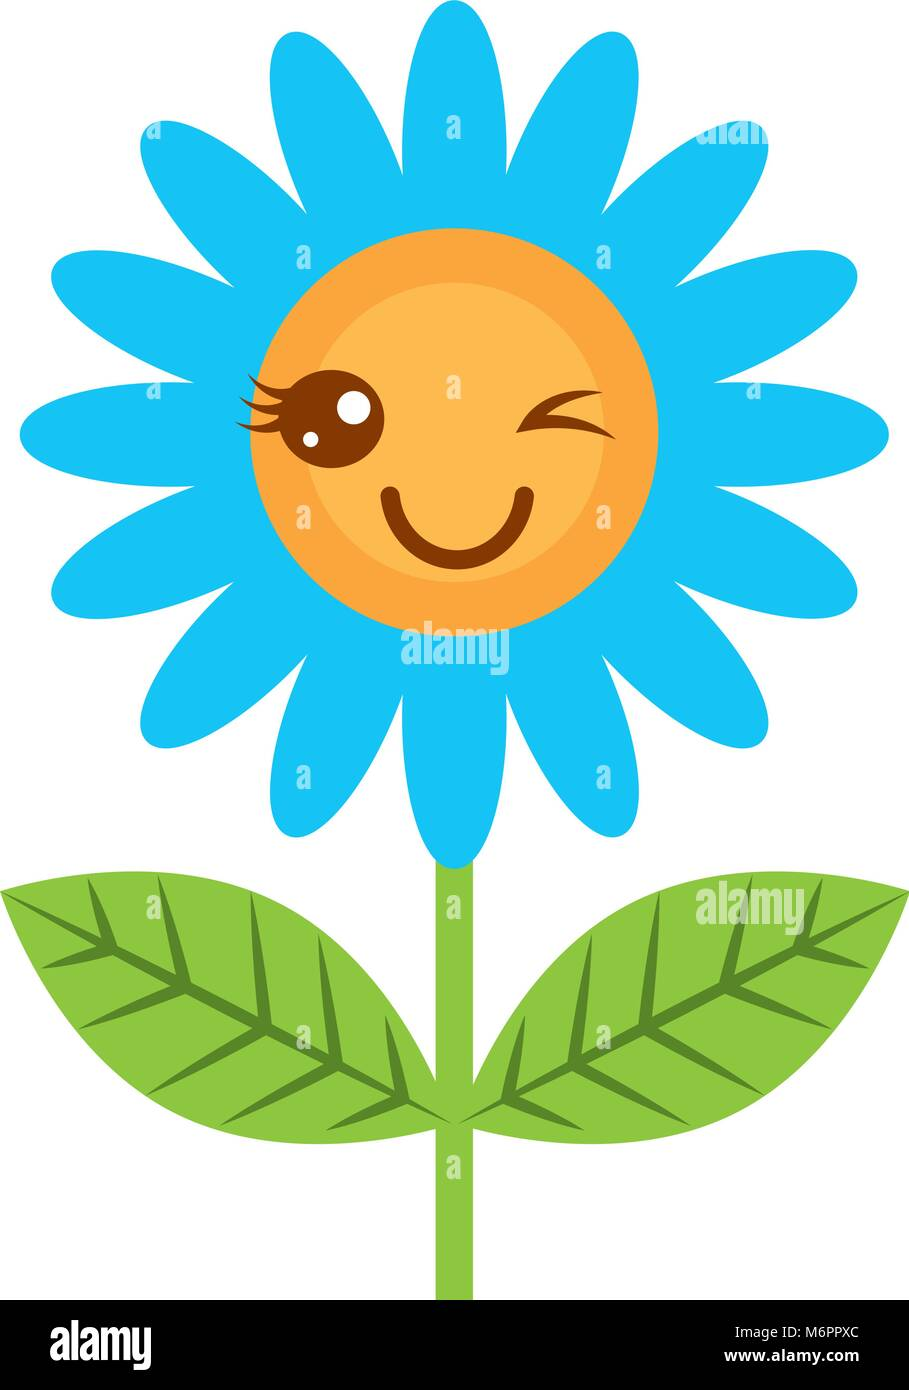 841cb7e318 Carino wink kawaii decorazioni di fiori cartoon illustrazione vettoriale  Immagini Stock